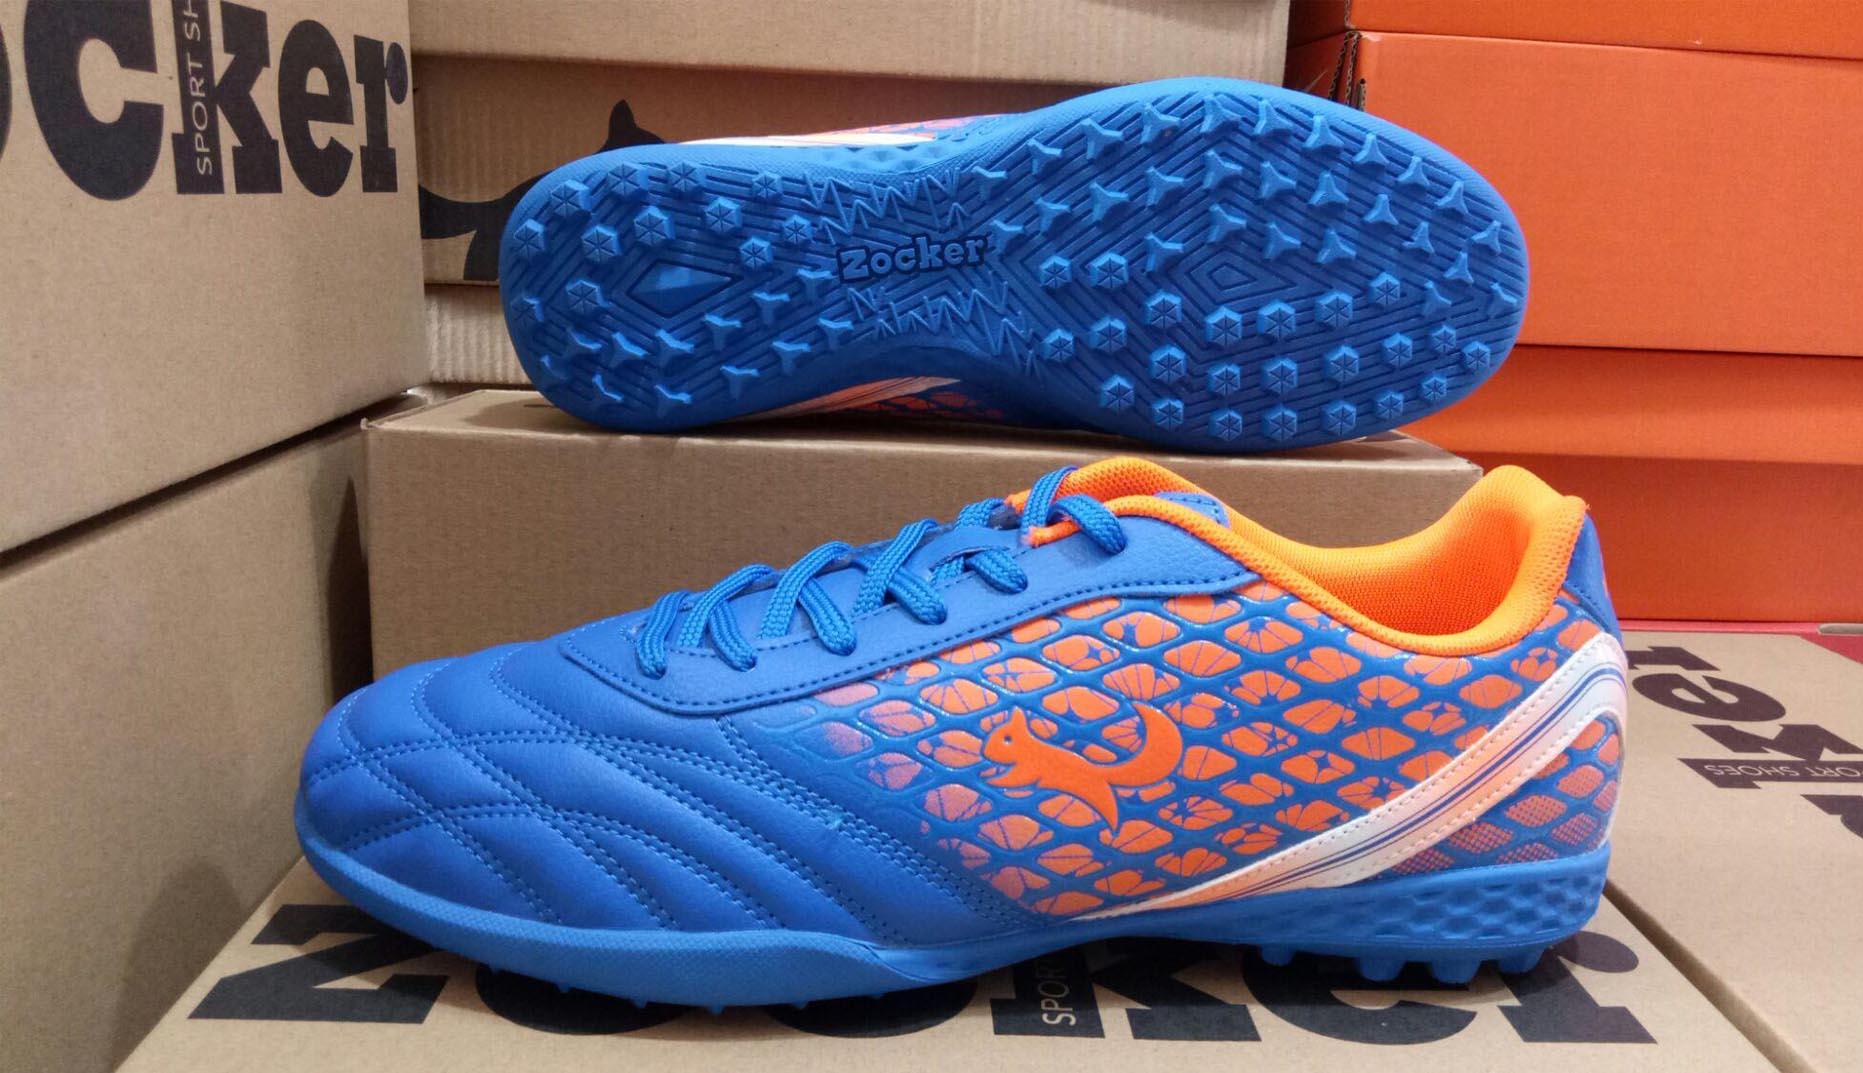 Giày đá banh Zocker ở thị trường Việt Nam với mức giá 5-600k VNĐ